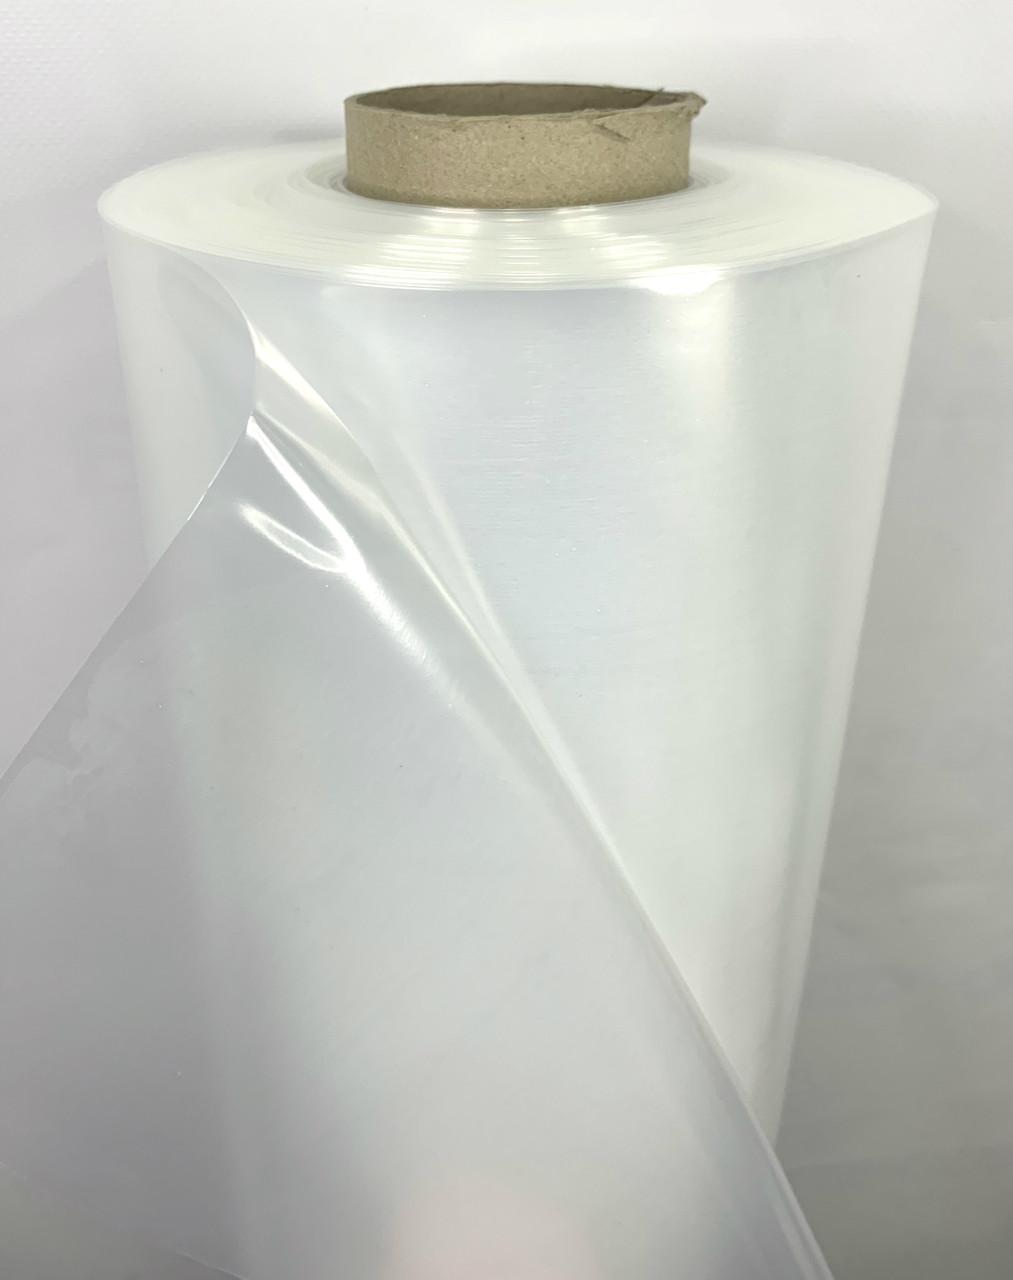 Пленка тепличная 30 мкм, 3м.х100м.Тепличная (парниковая, полиэтиленовая).